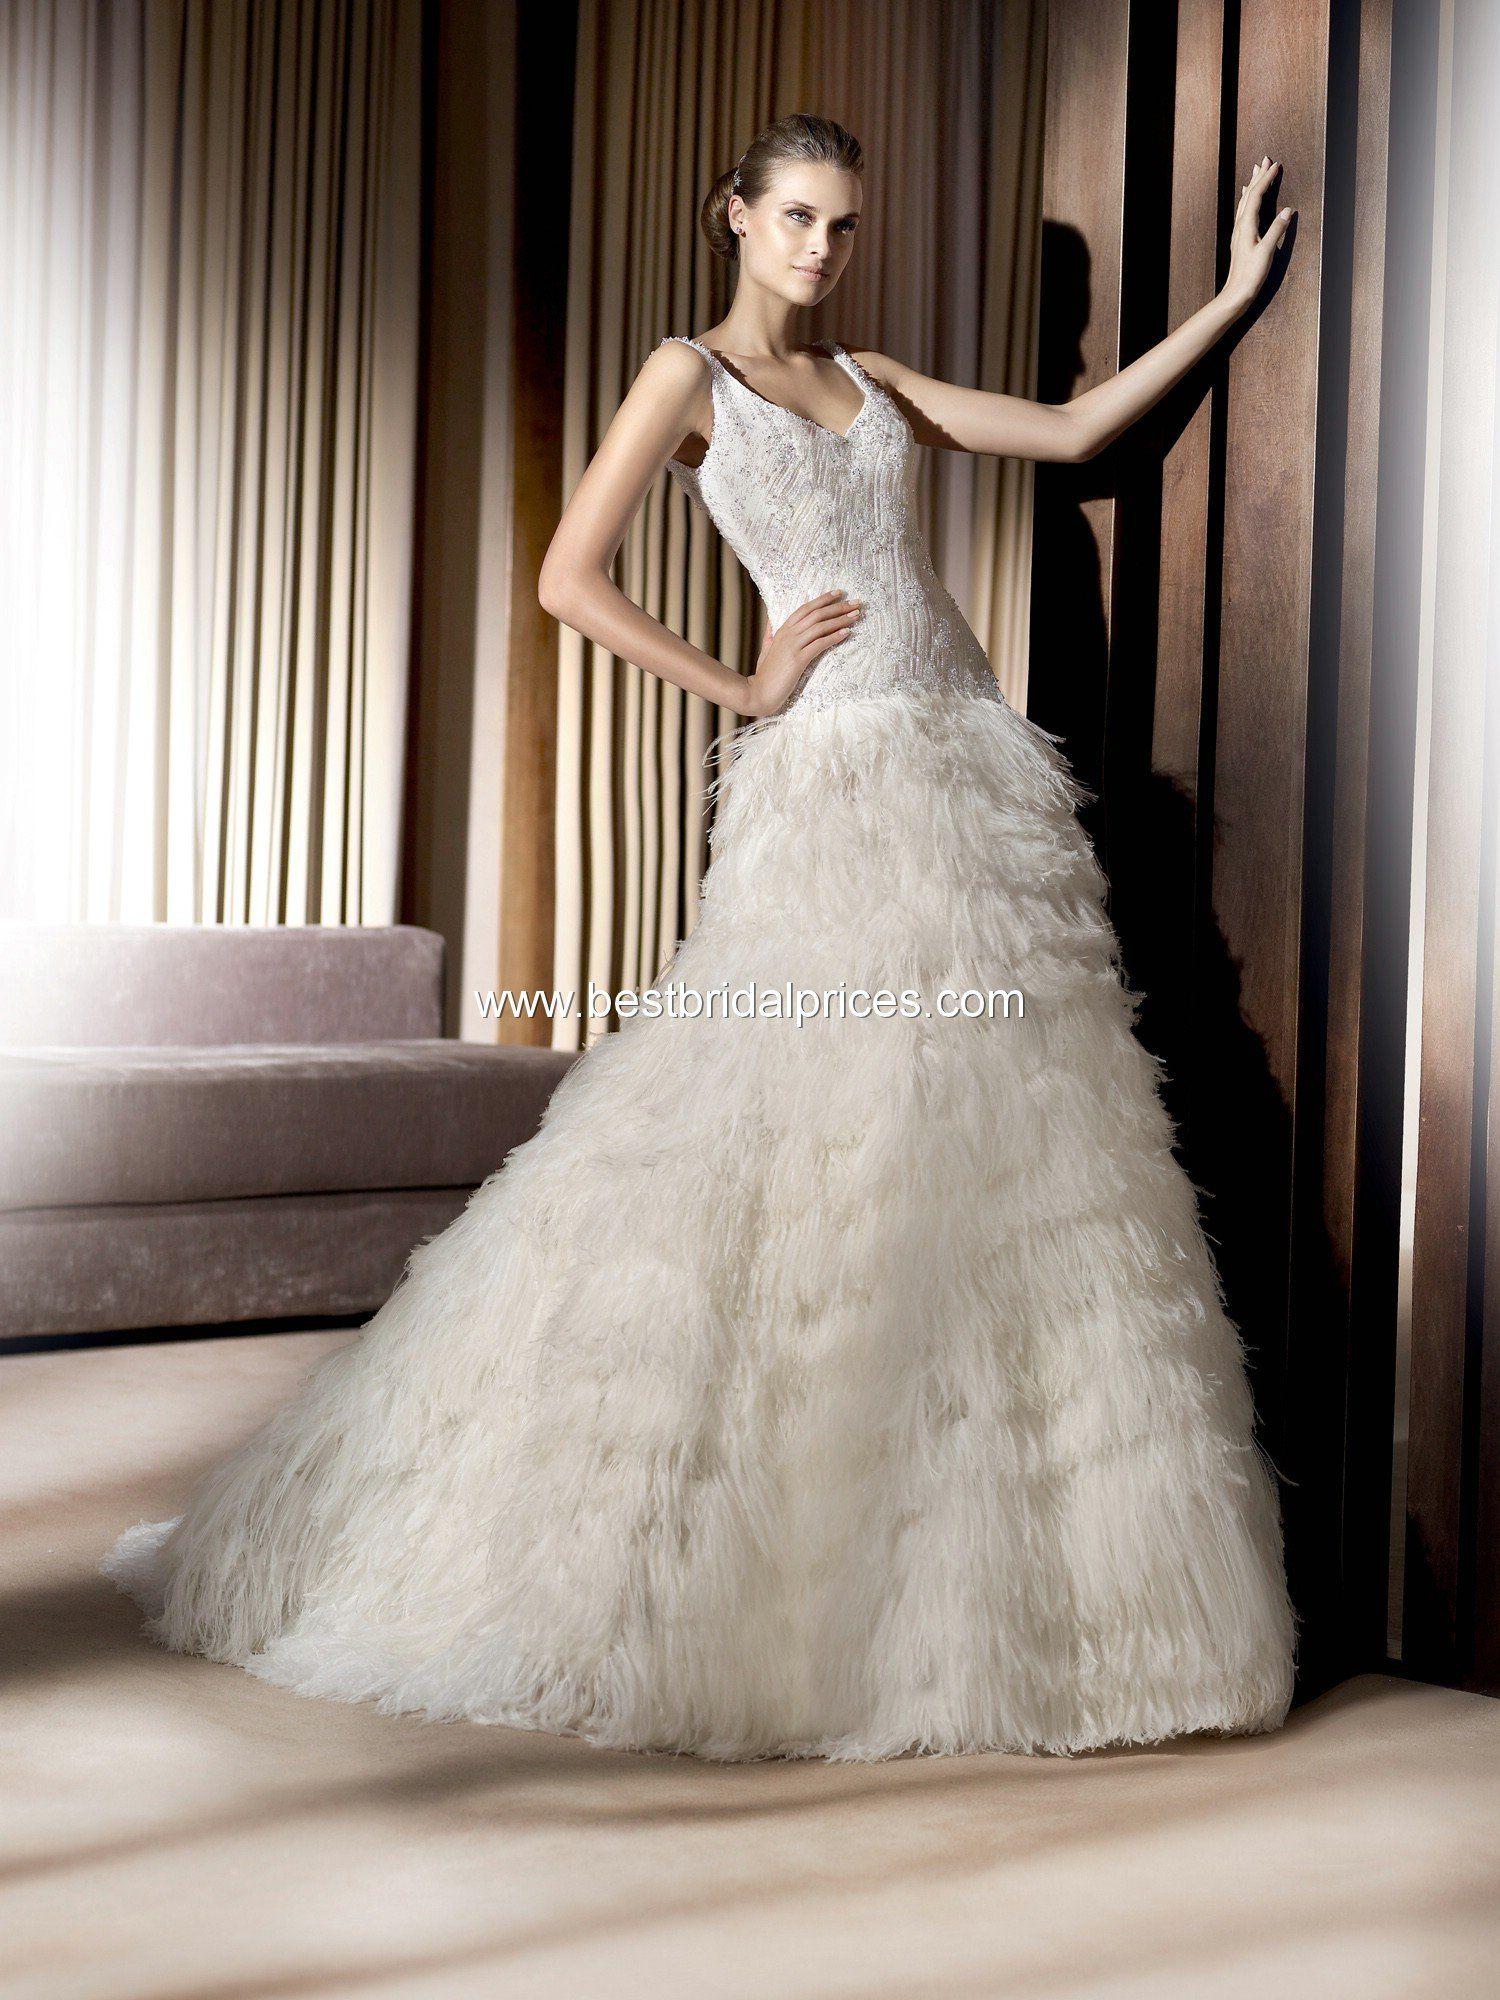 Pronovais wedding dresses pronovias wedding dresses style arista